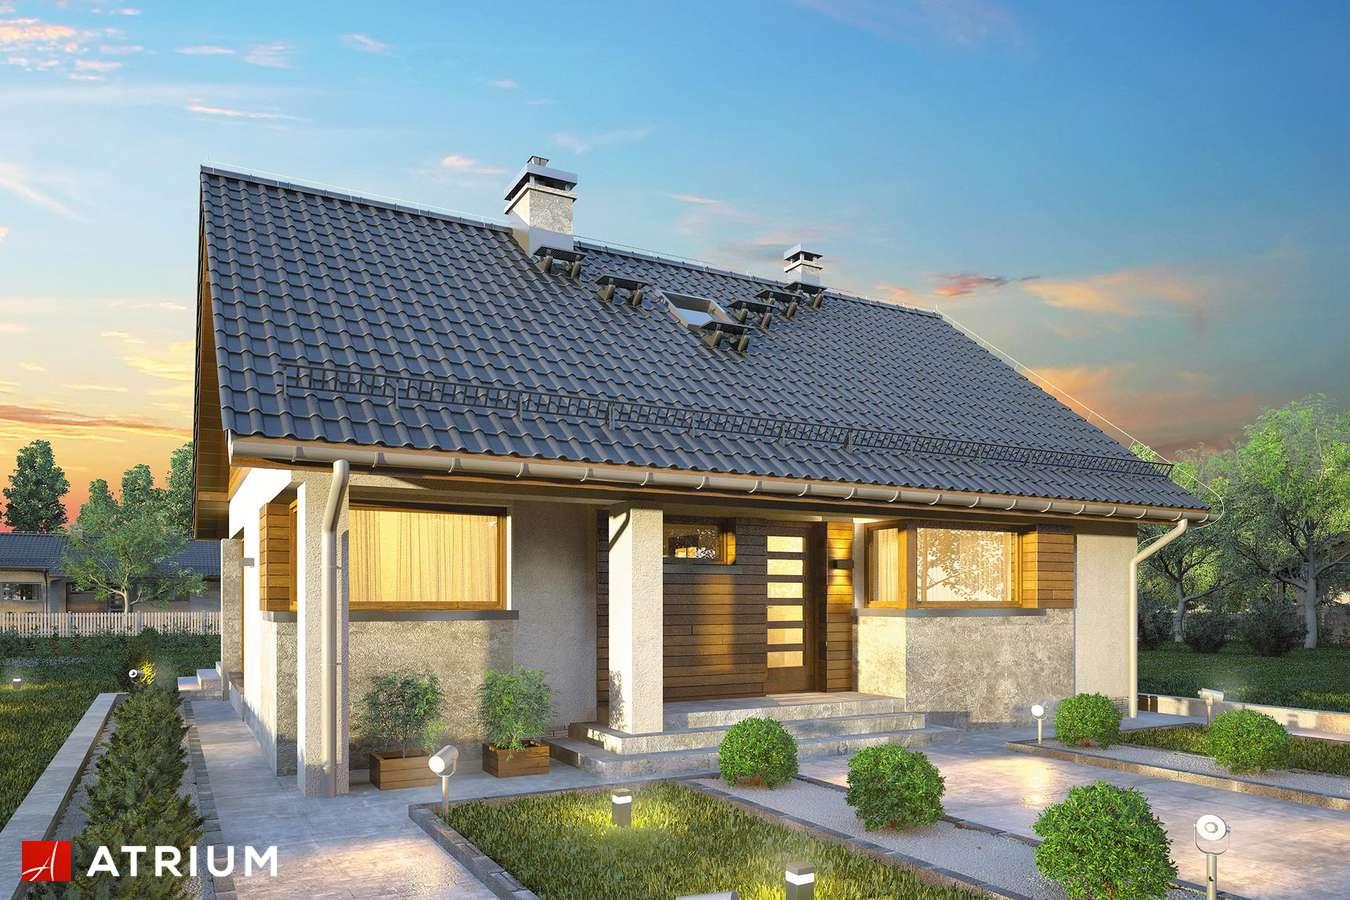 Projekty domów - Projekt domu parterowego RICARDO X LIFT - wizualizacja 1 - wersja lustrzana